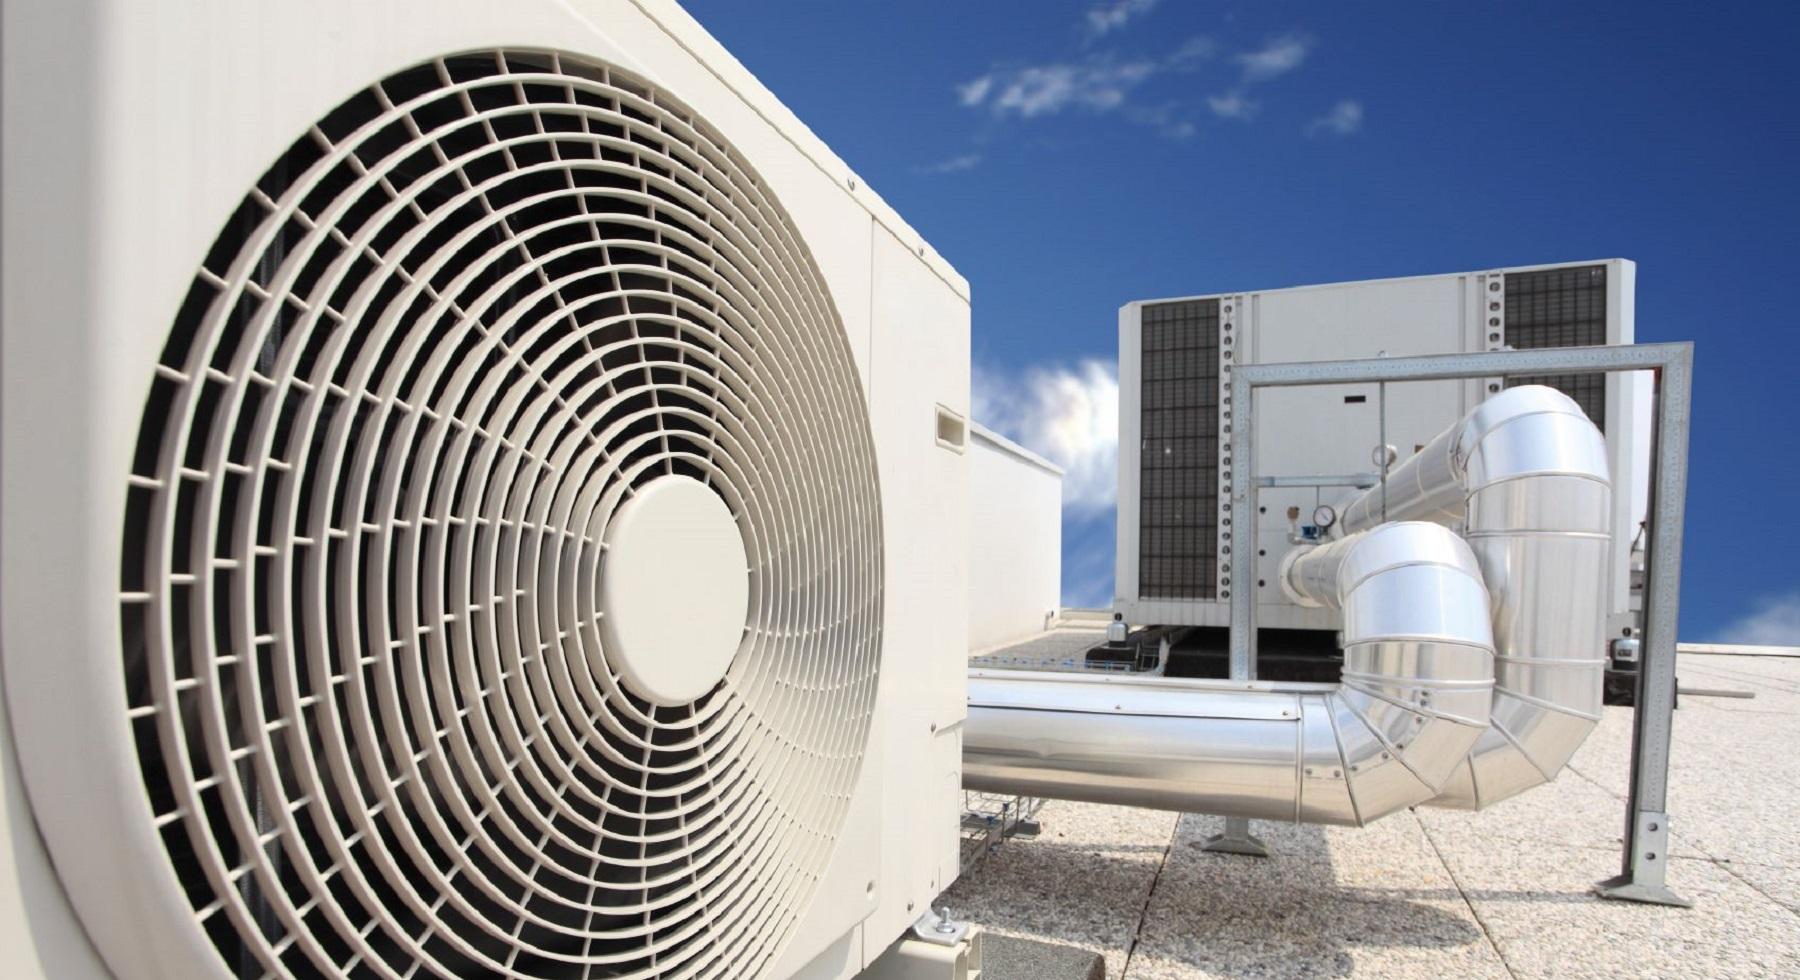 climatisation imec inter tunisie